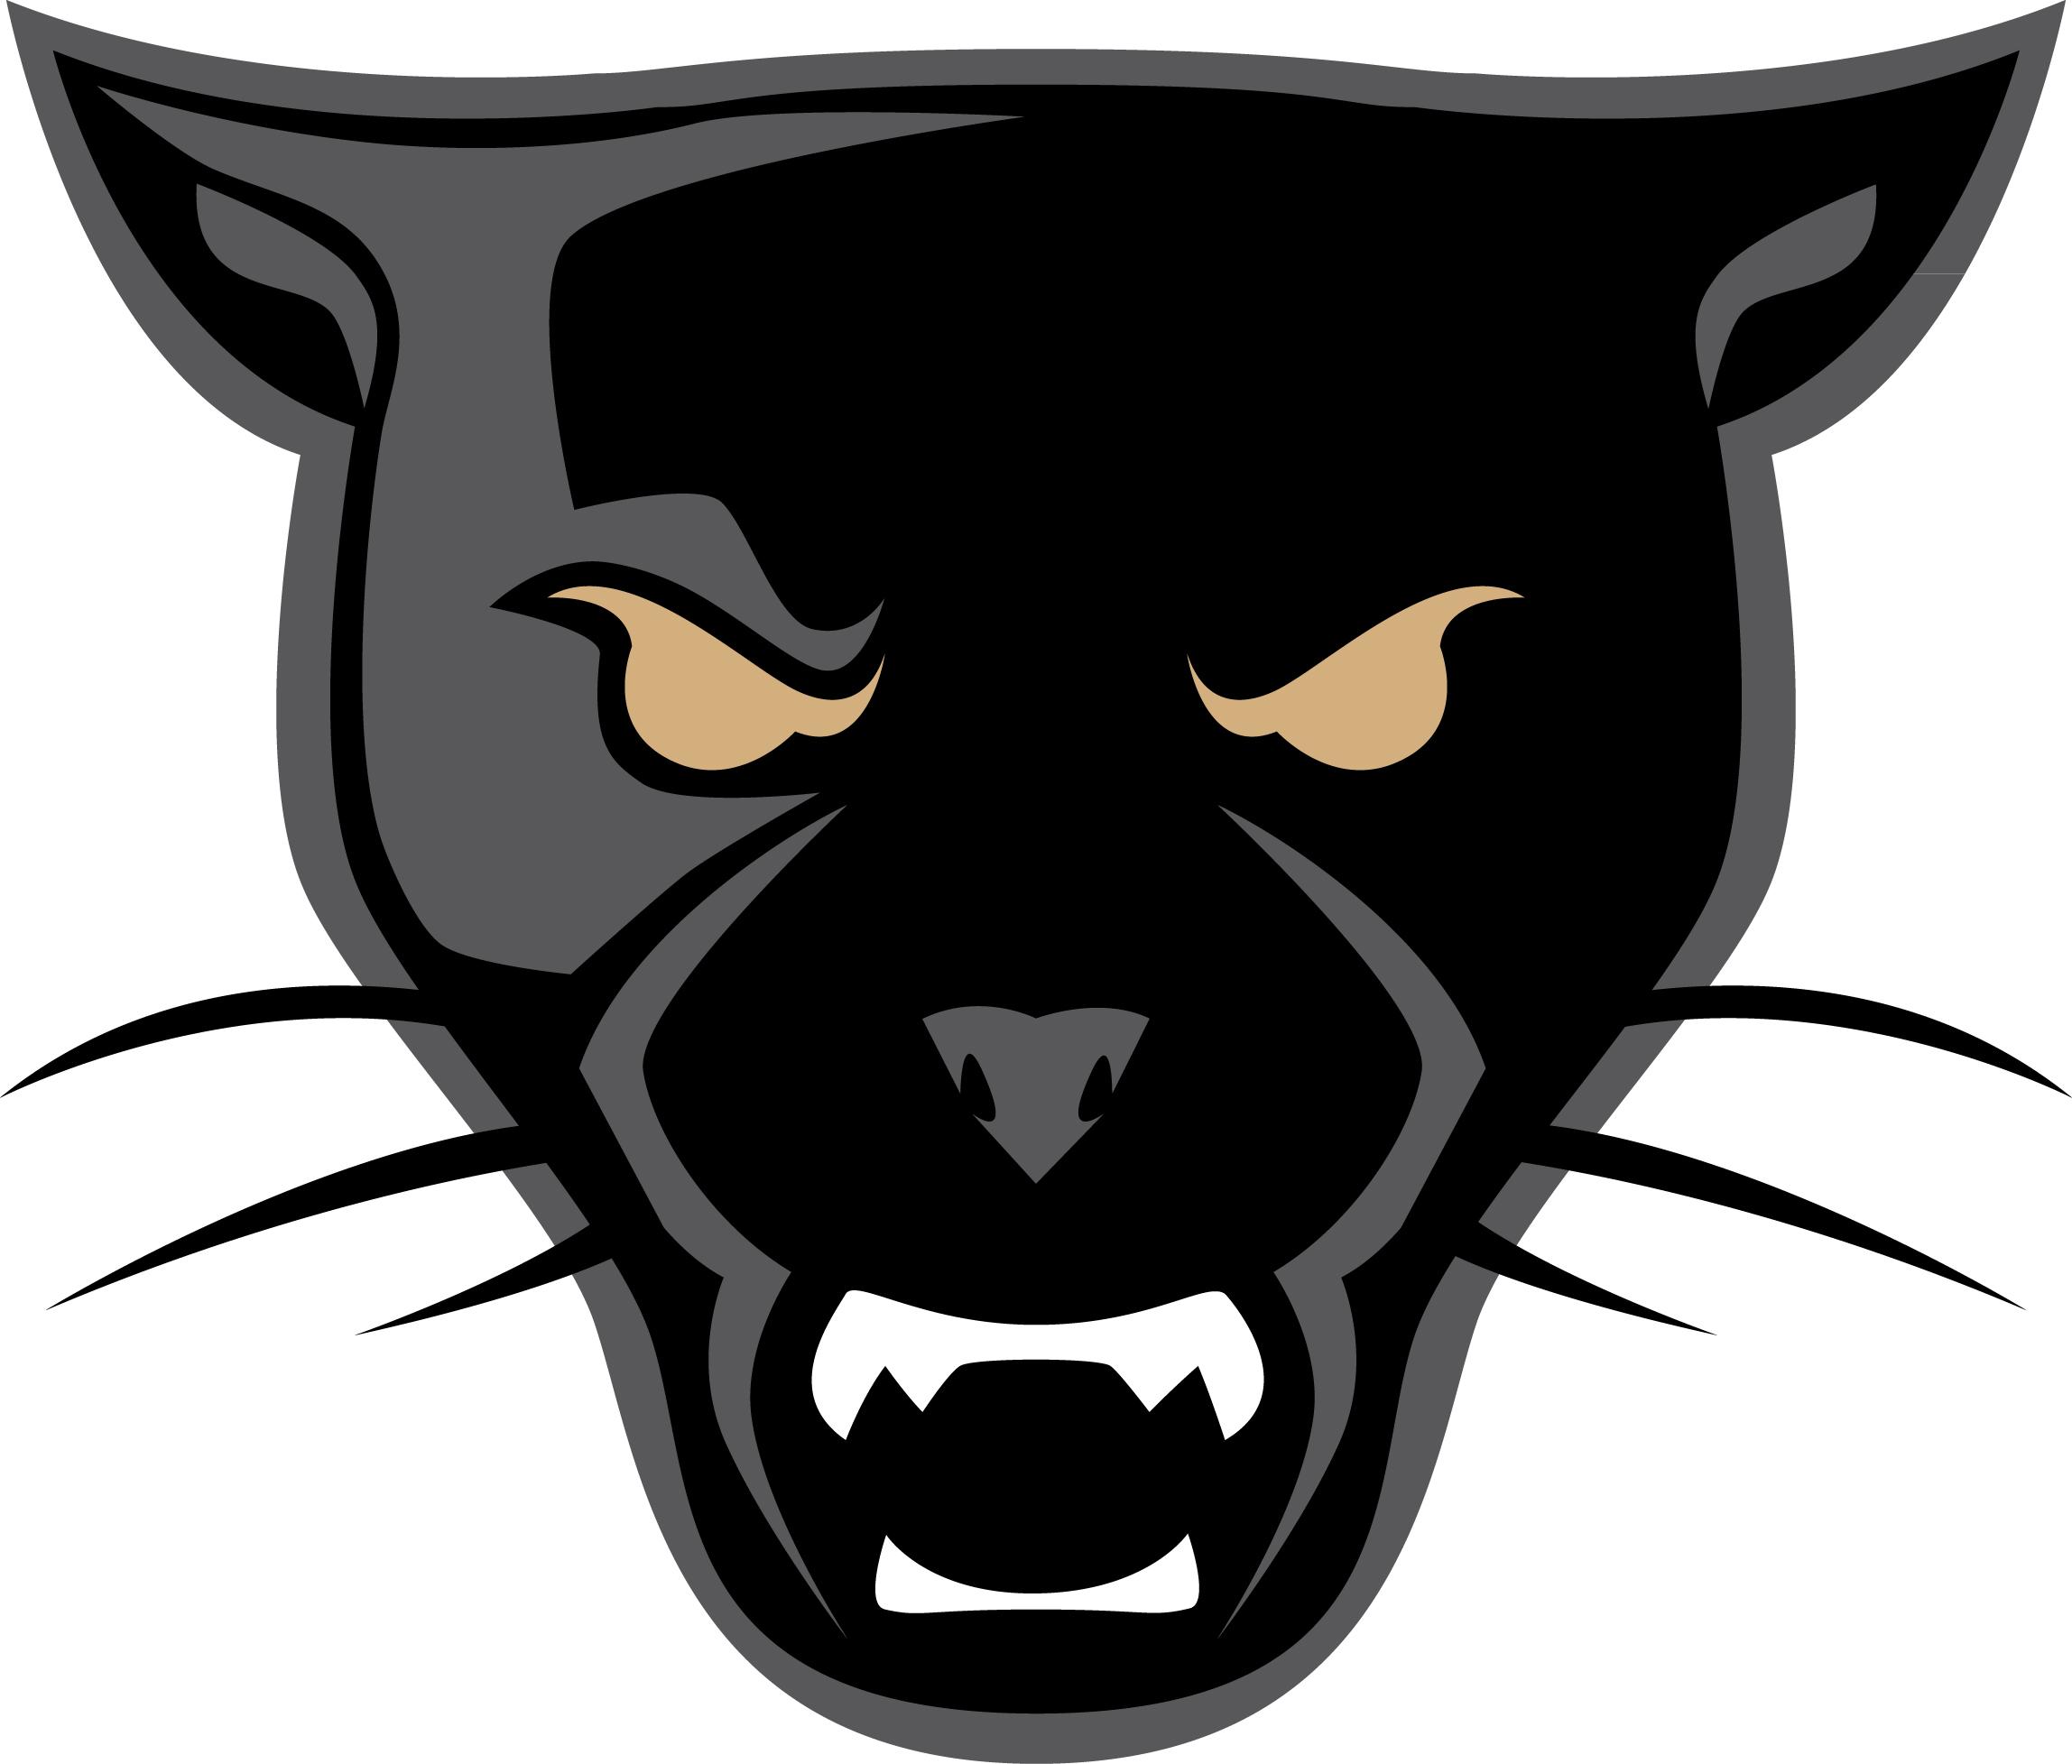 Black Panther Paw | Free download best Black Panther Paw ...